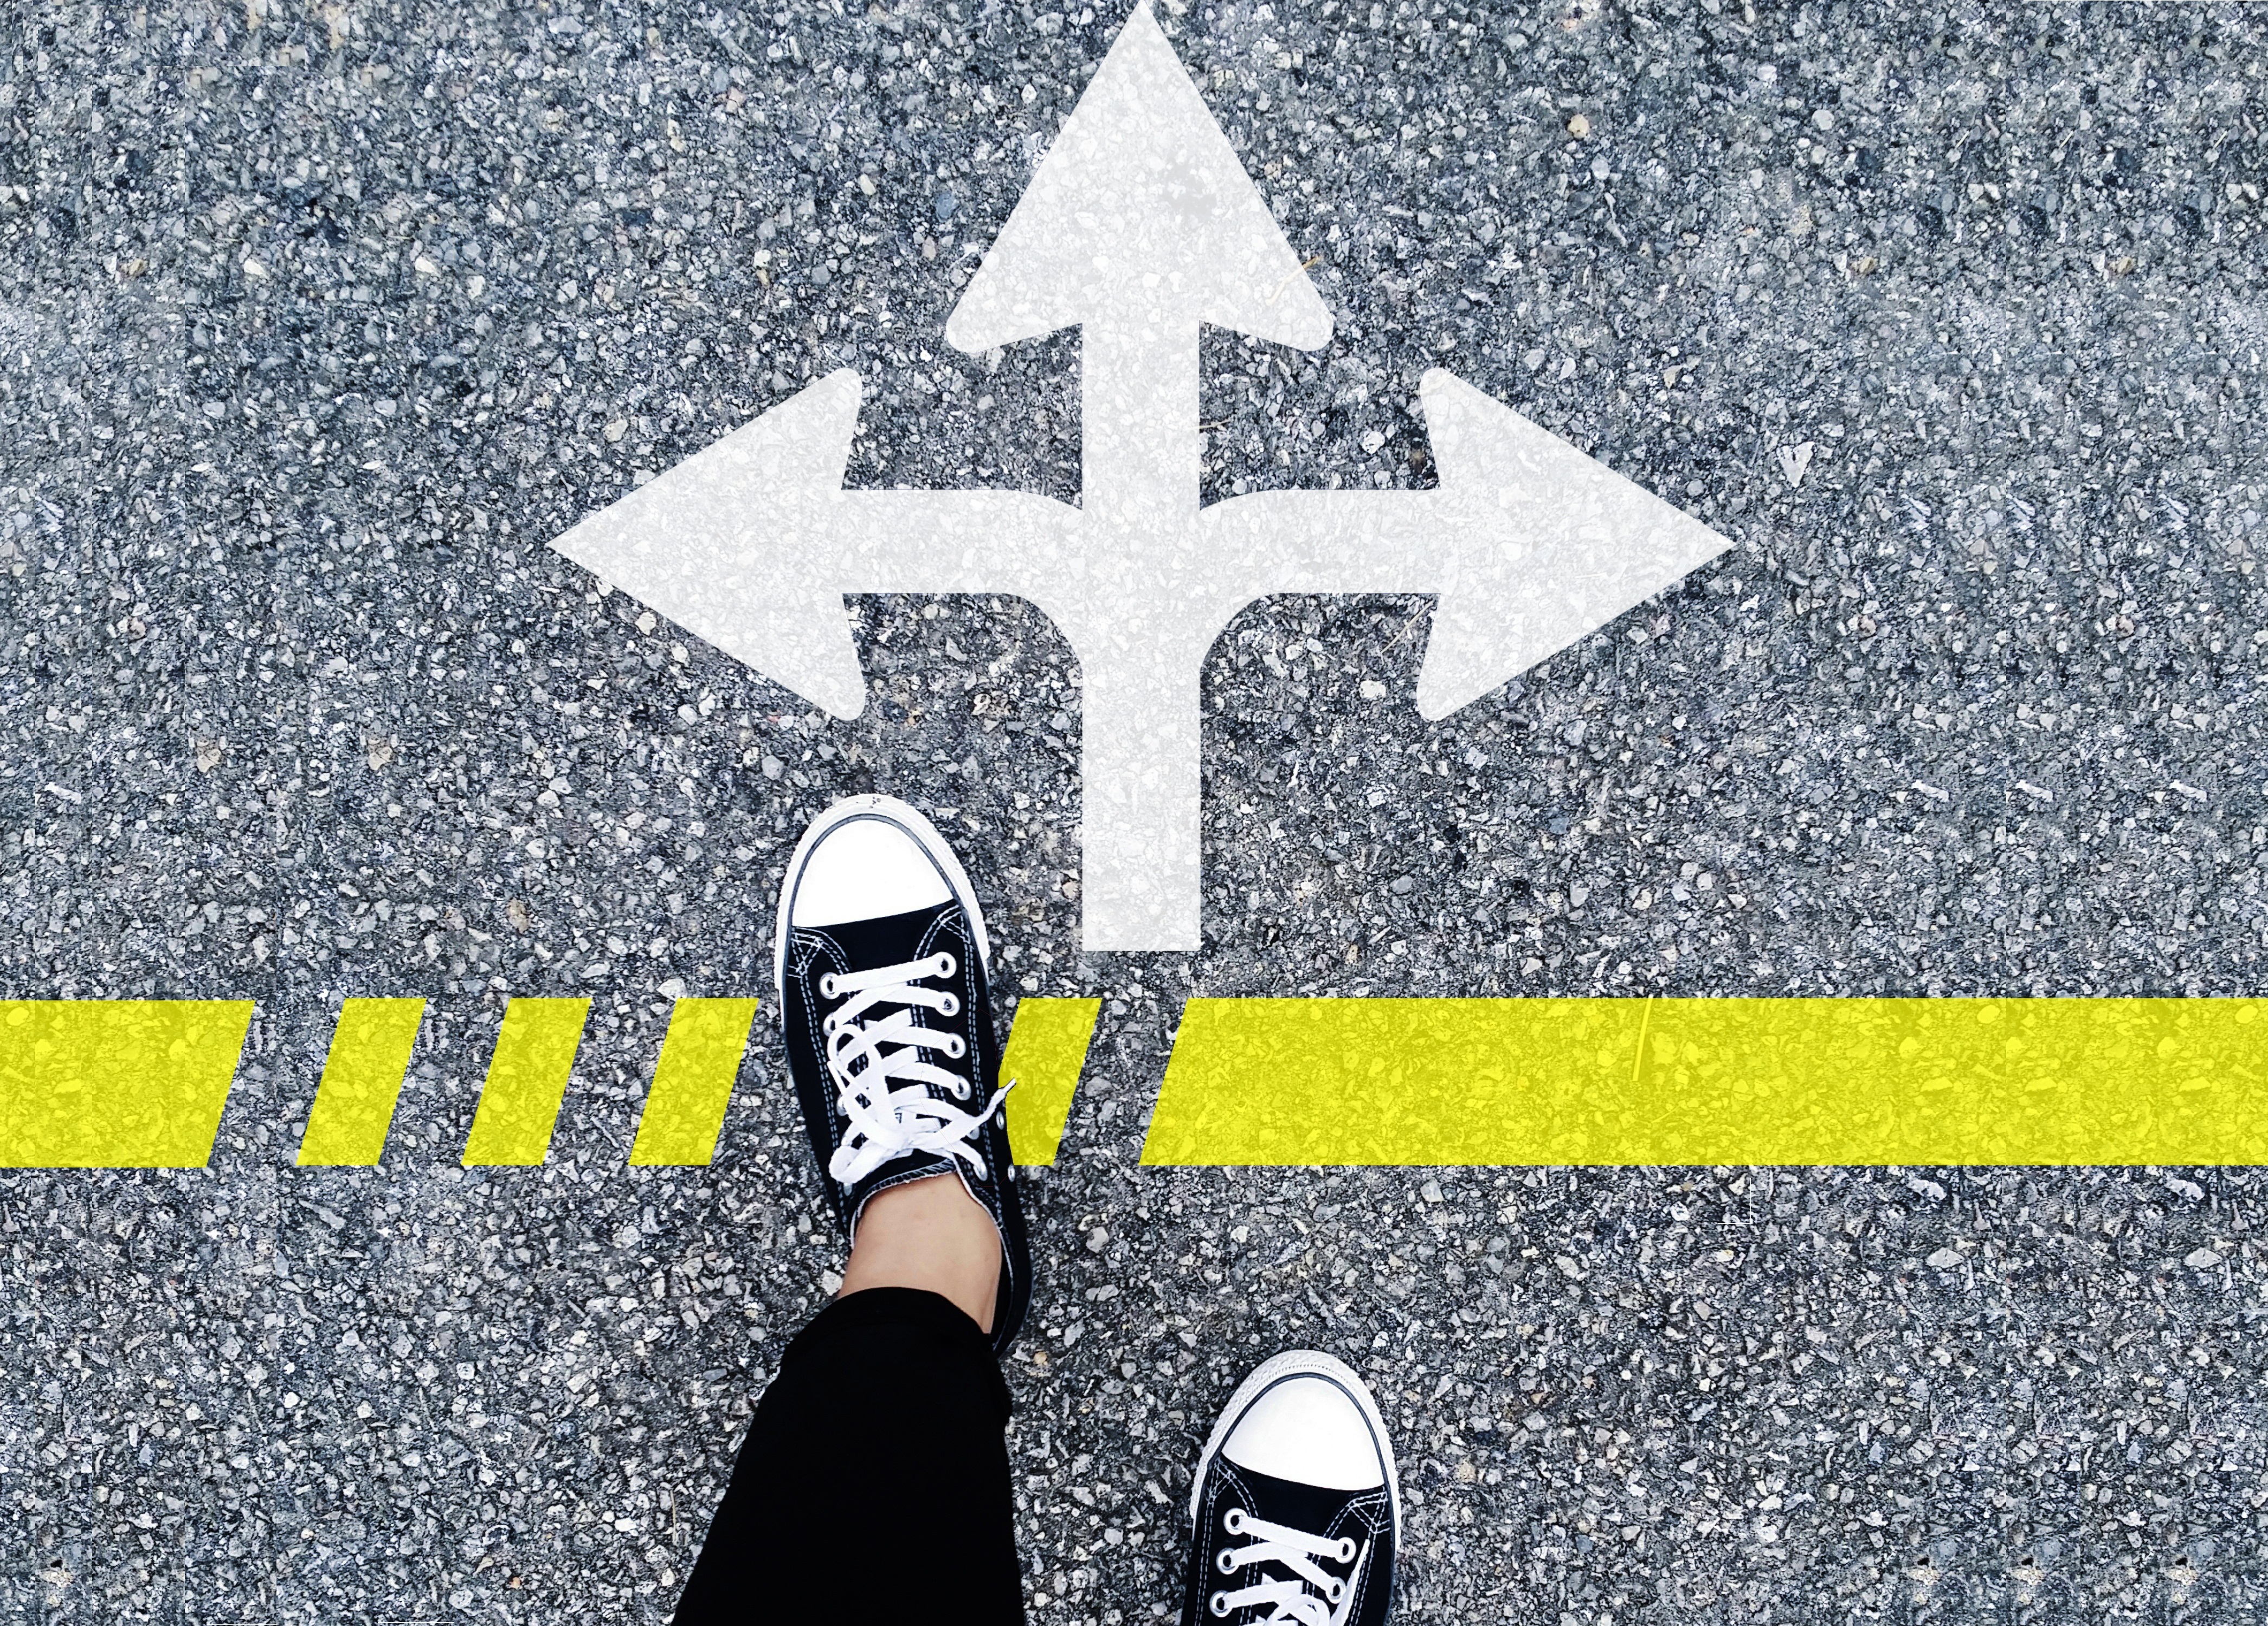 Selbstbestimmt in allen Lebenslagen - Füße einer Person vor Richtungspfeil links-geradeaus-rechts auf Straße